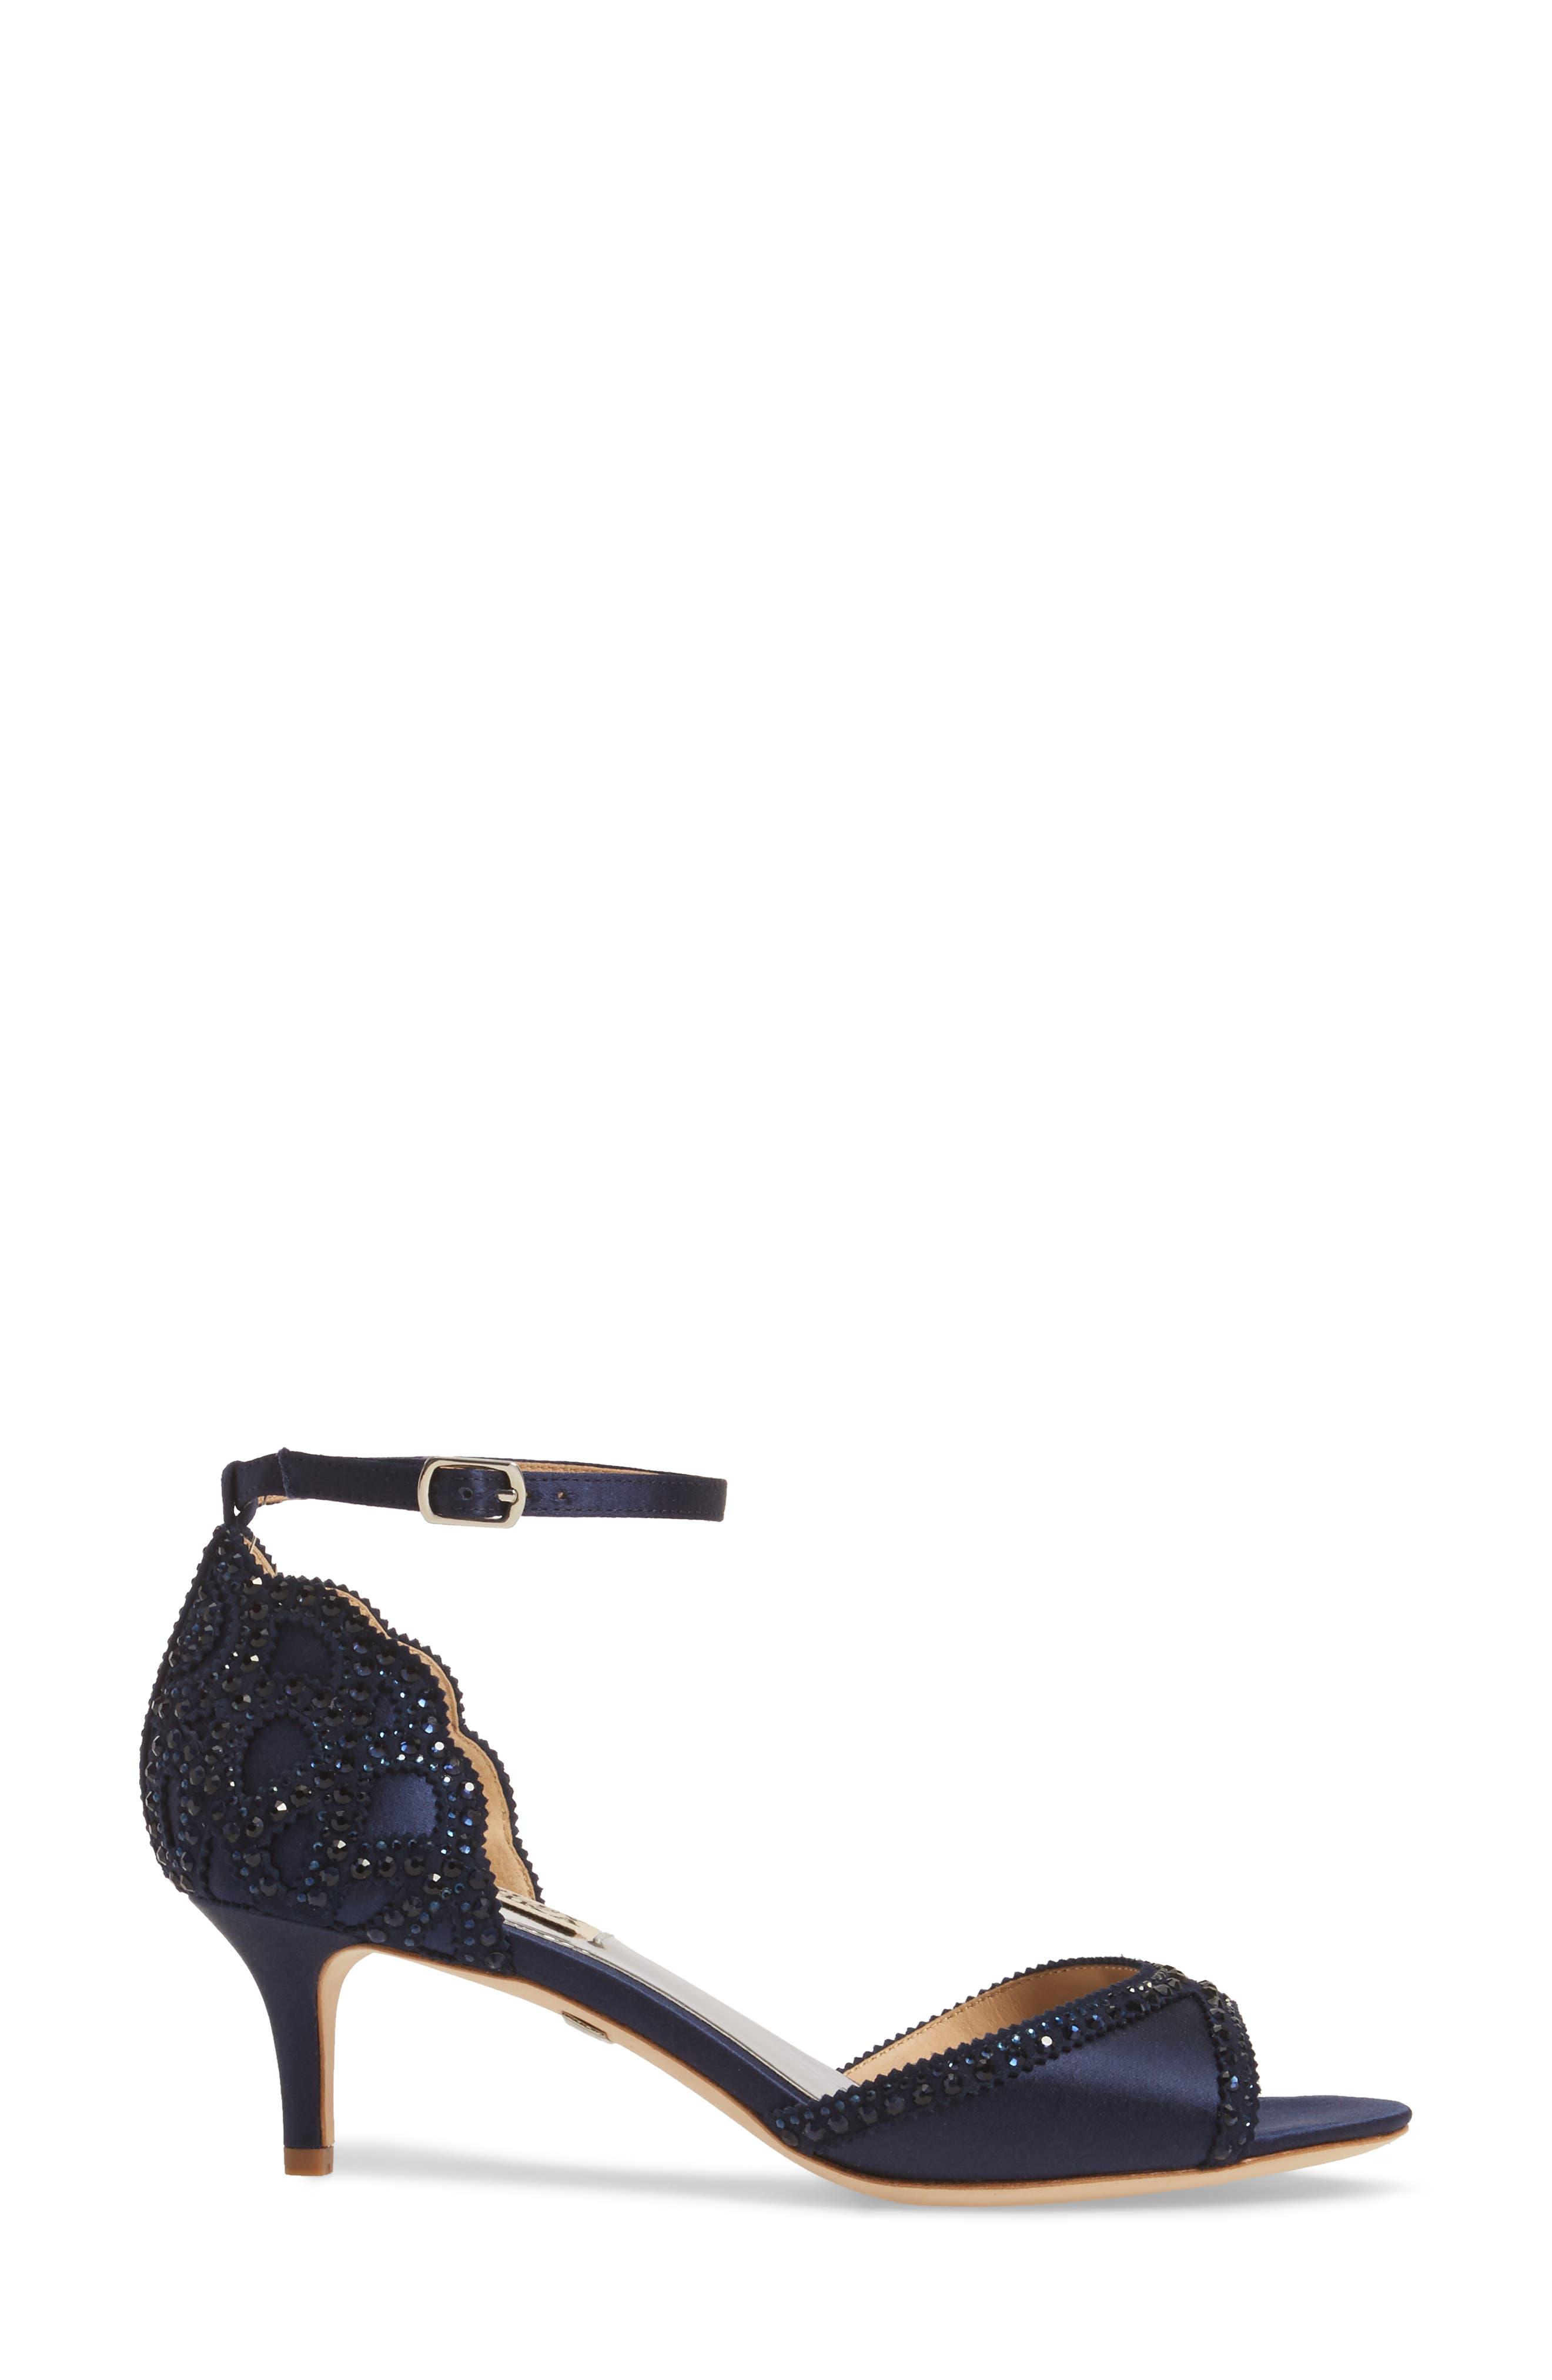 Alternate Image 3  - Badgley Mischka 'Gillian' Crystal Embellished d'Orsay Sandal (Women)